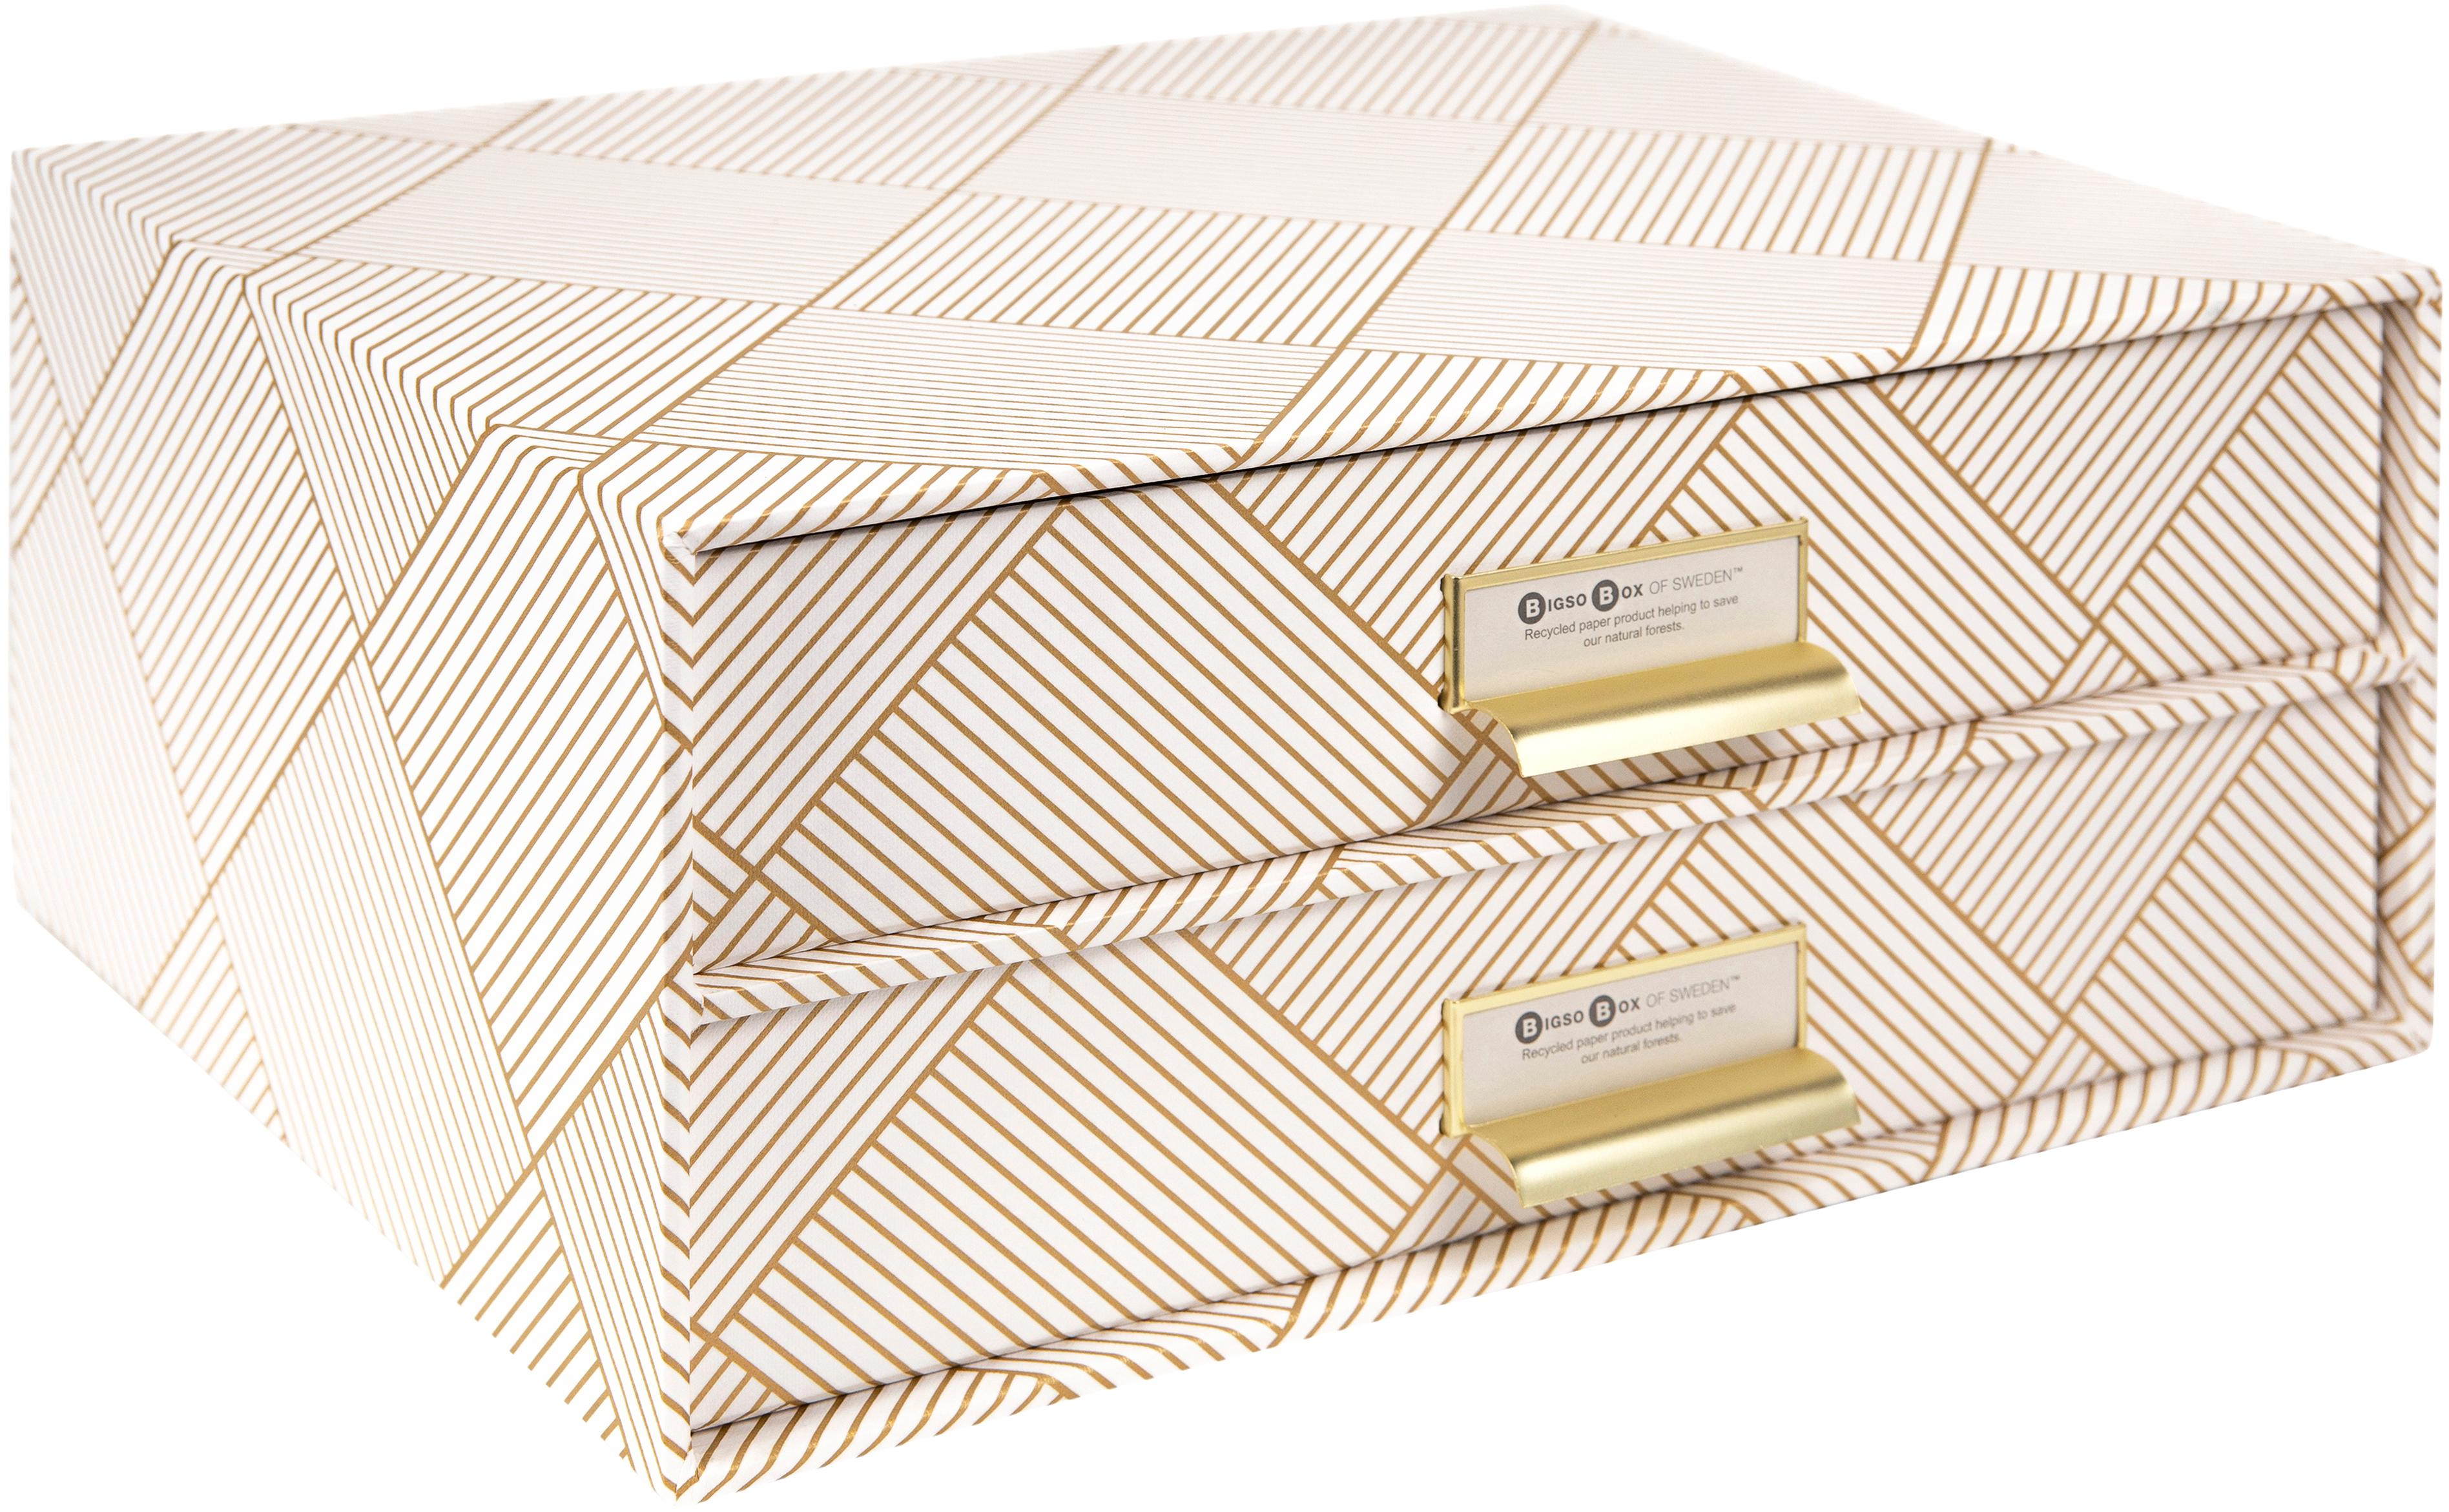 Büro-Organizer Birger, Organizer: Fester, laminierter Karto, Goldfarben, Weiss, 33 x 15 cm